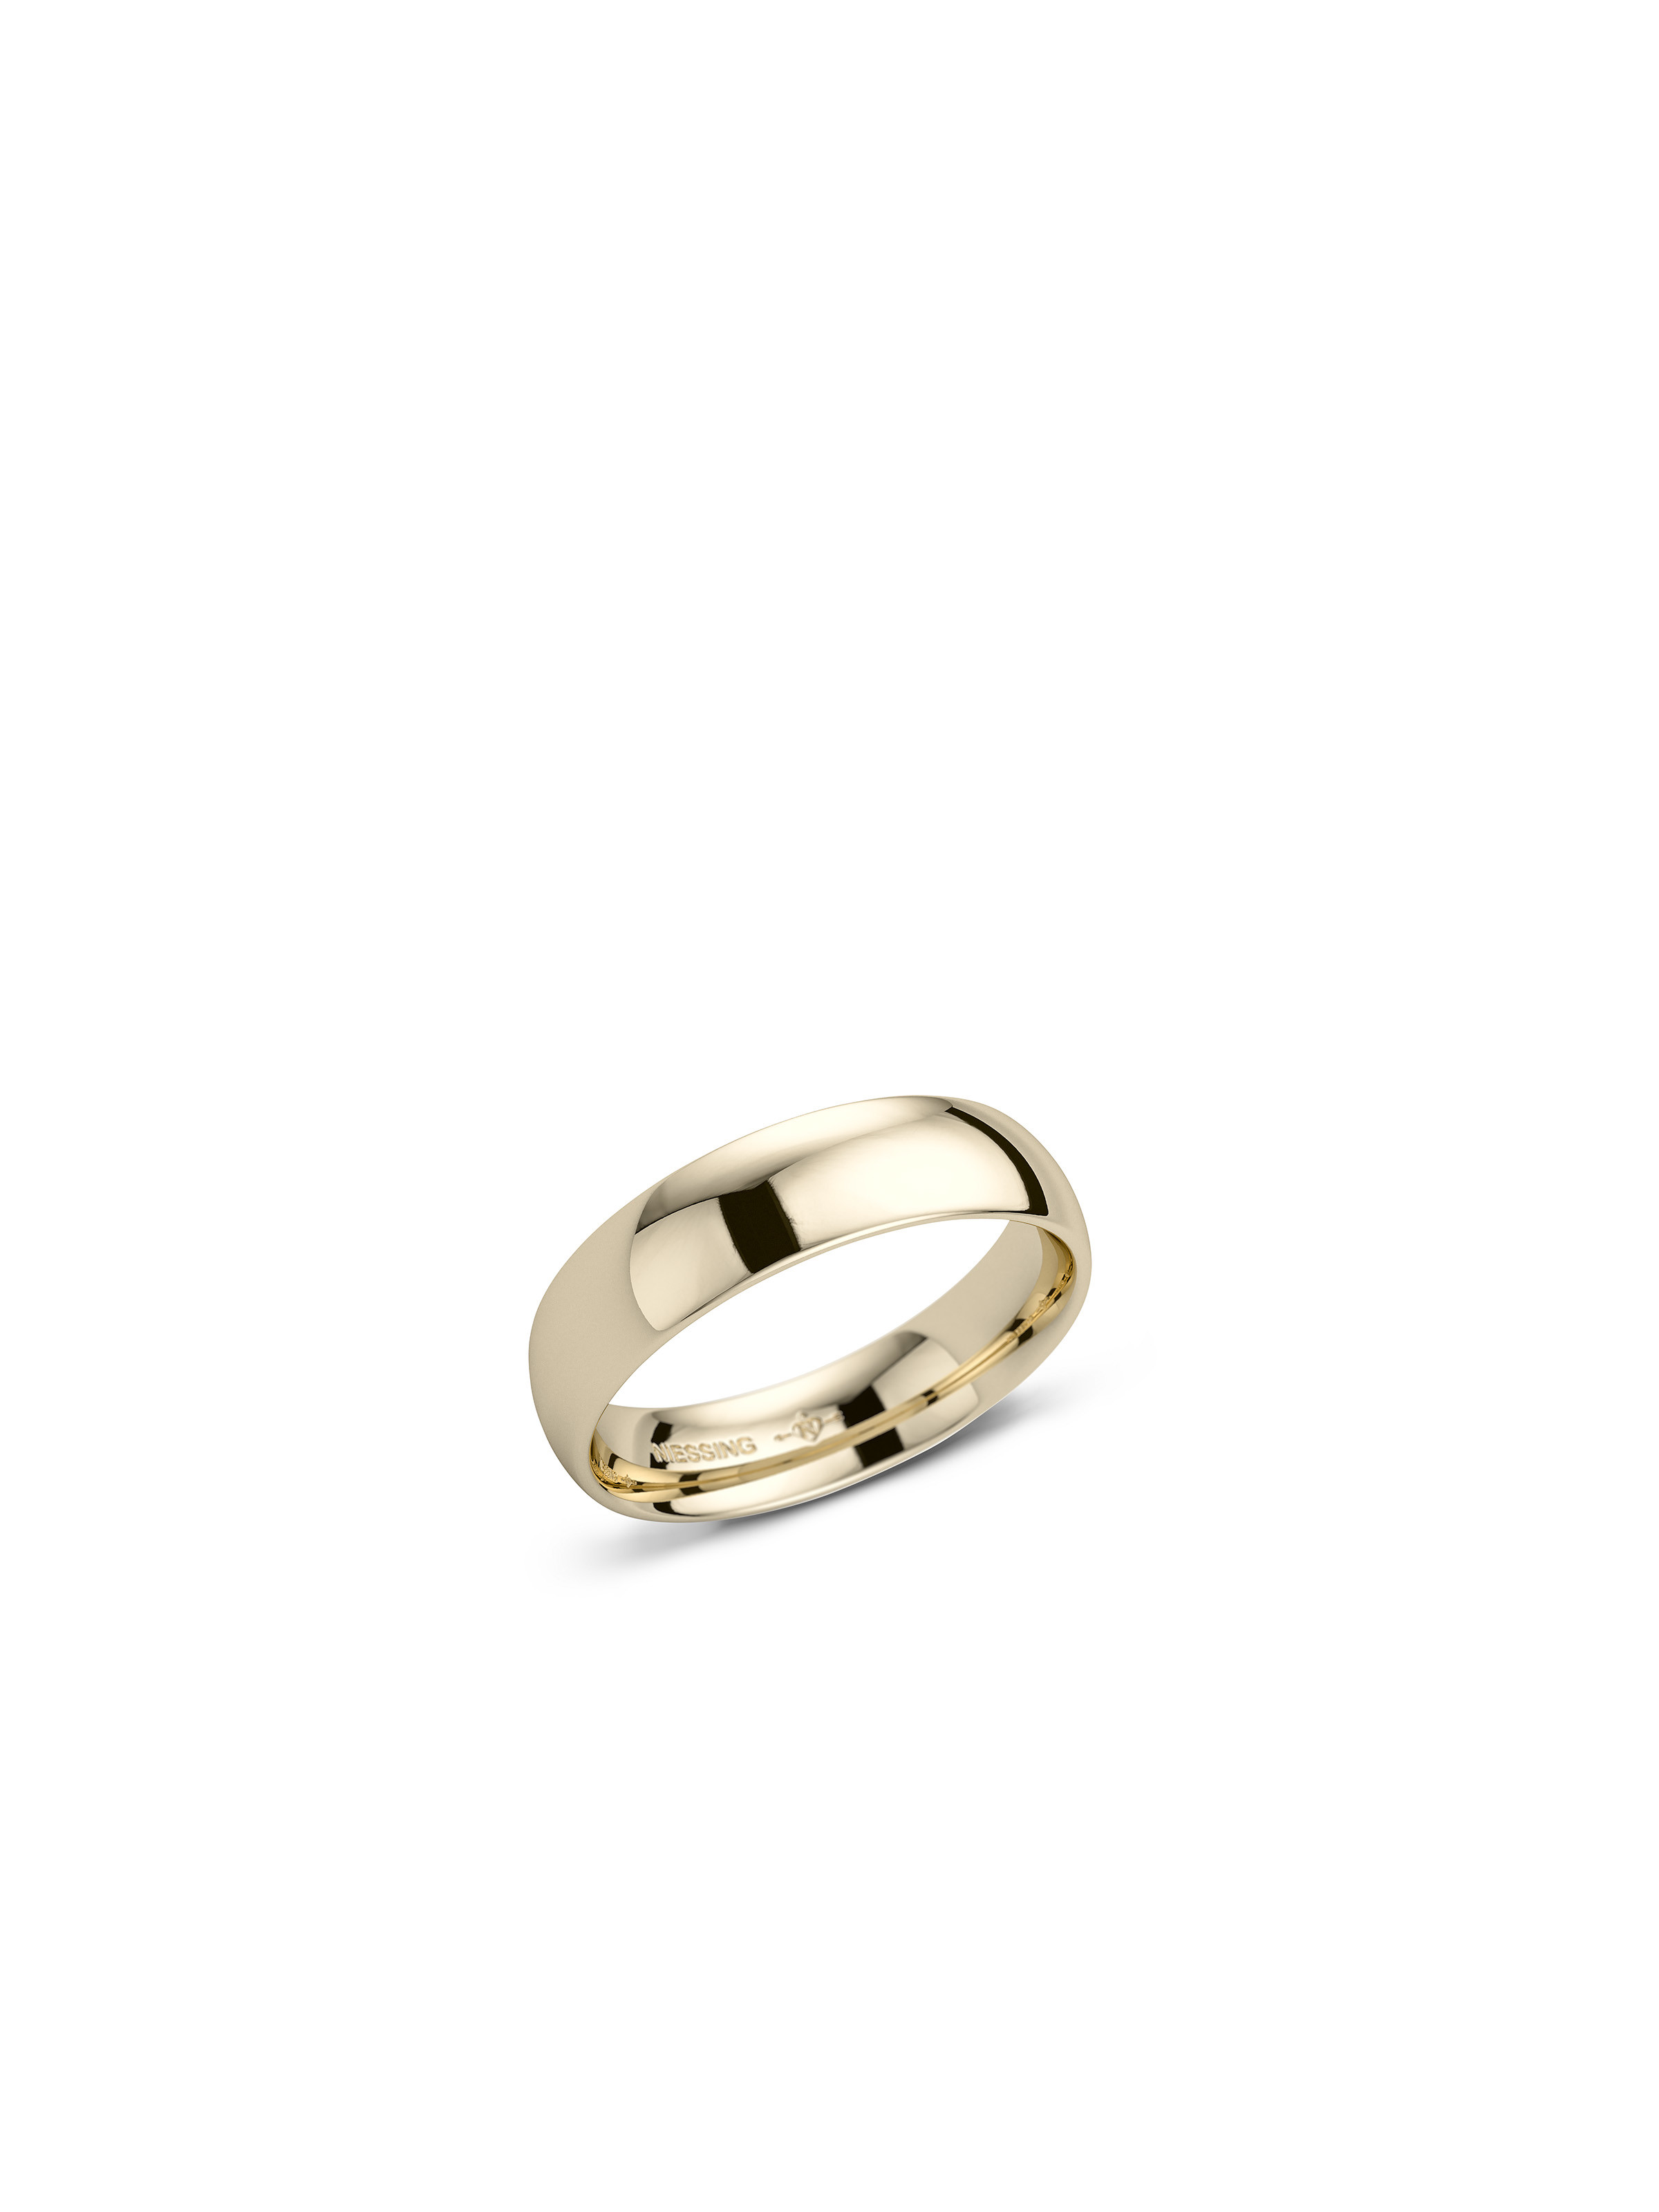 Navette wedding ring -ogival/flat- polished